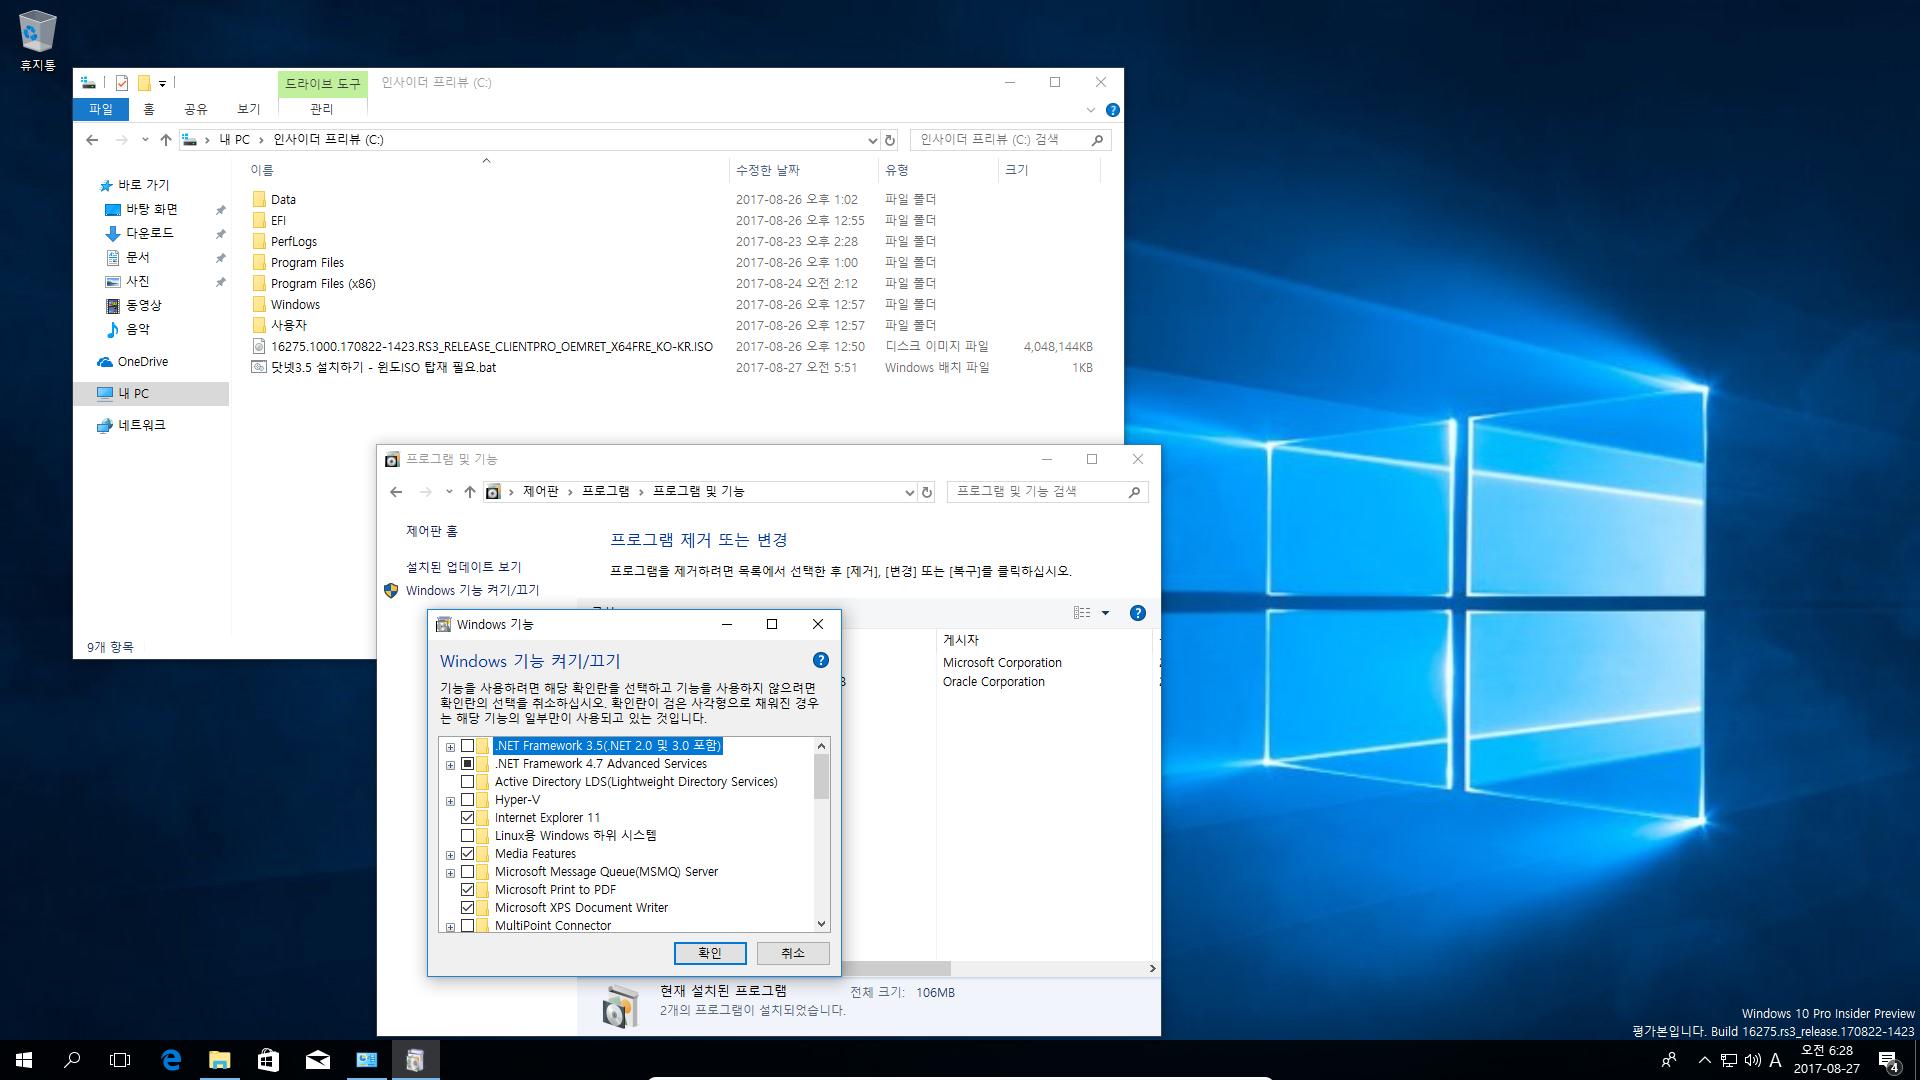 닷넷3.5 설치하기 - 윈도ISO 탑재 필요.bat 테스트 2017-08-27_062816.png